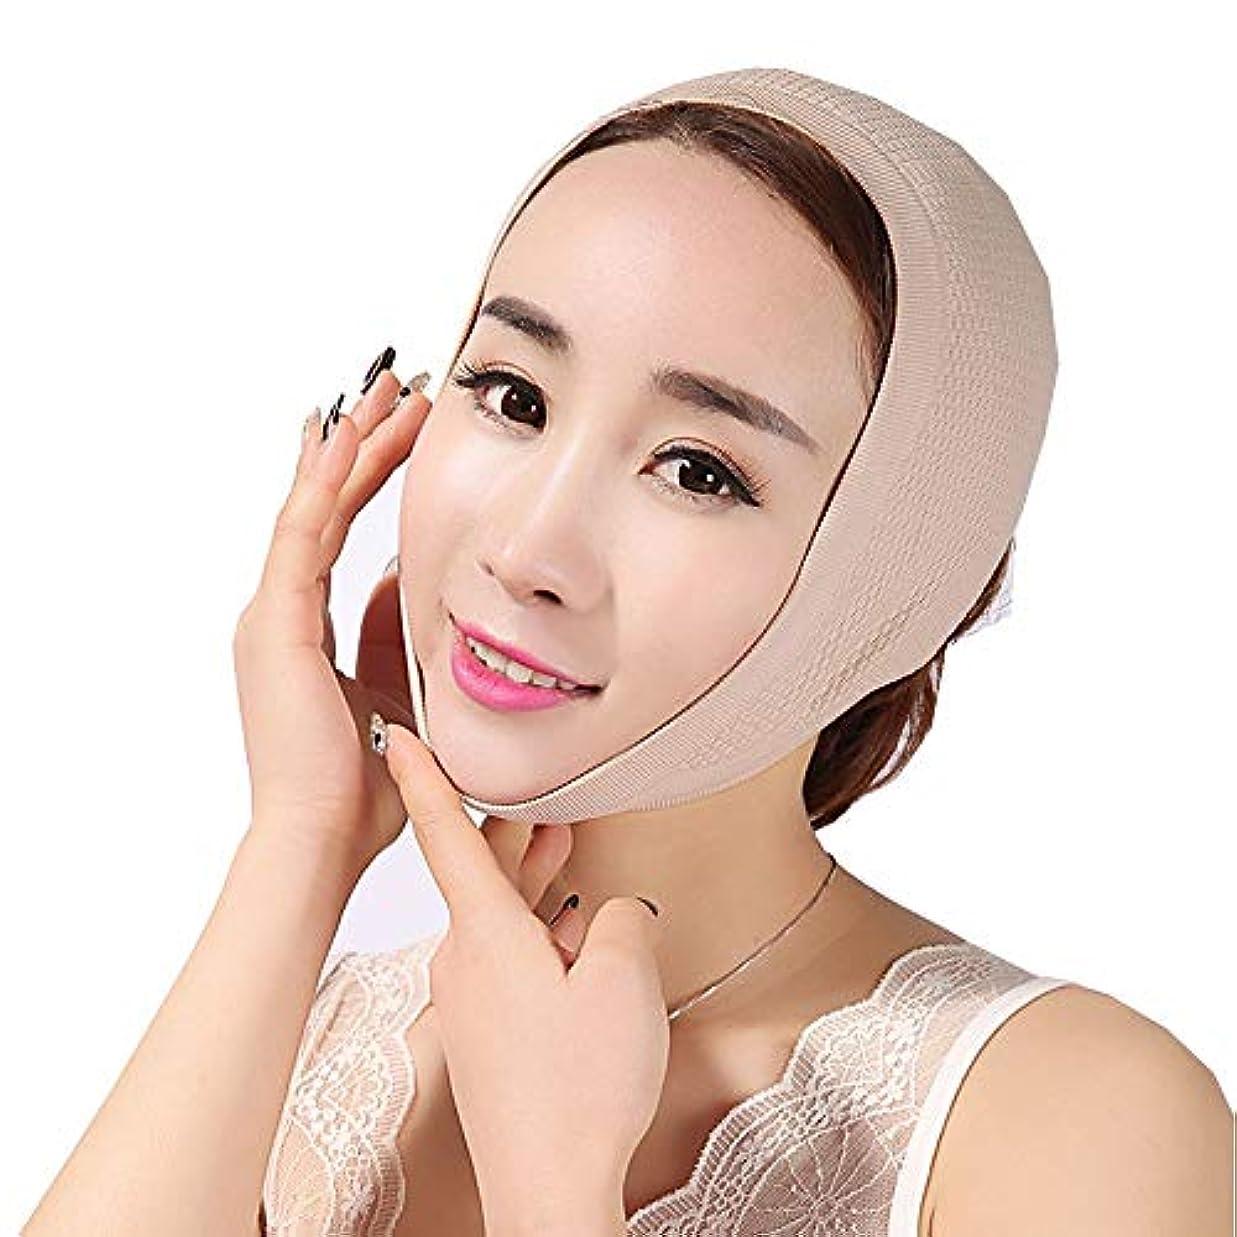 器官プログラムスイフェイスマスクで眠る薄い顔フェイスリフトフェイスリフトアーティファクトスモールフェイスVフェイスリフト付きフェイスフェイス包帯引き上げジョーセット